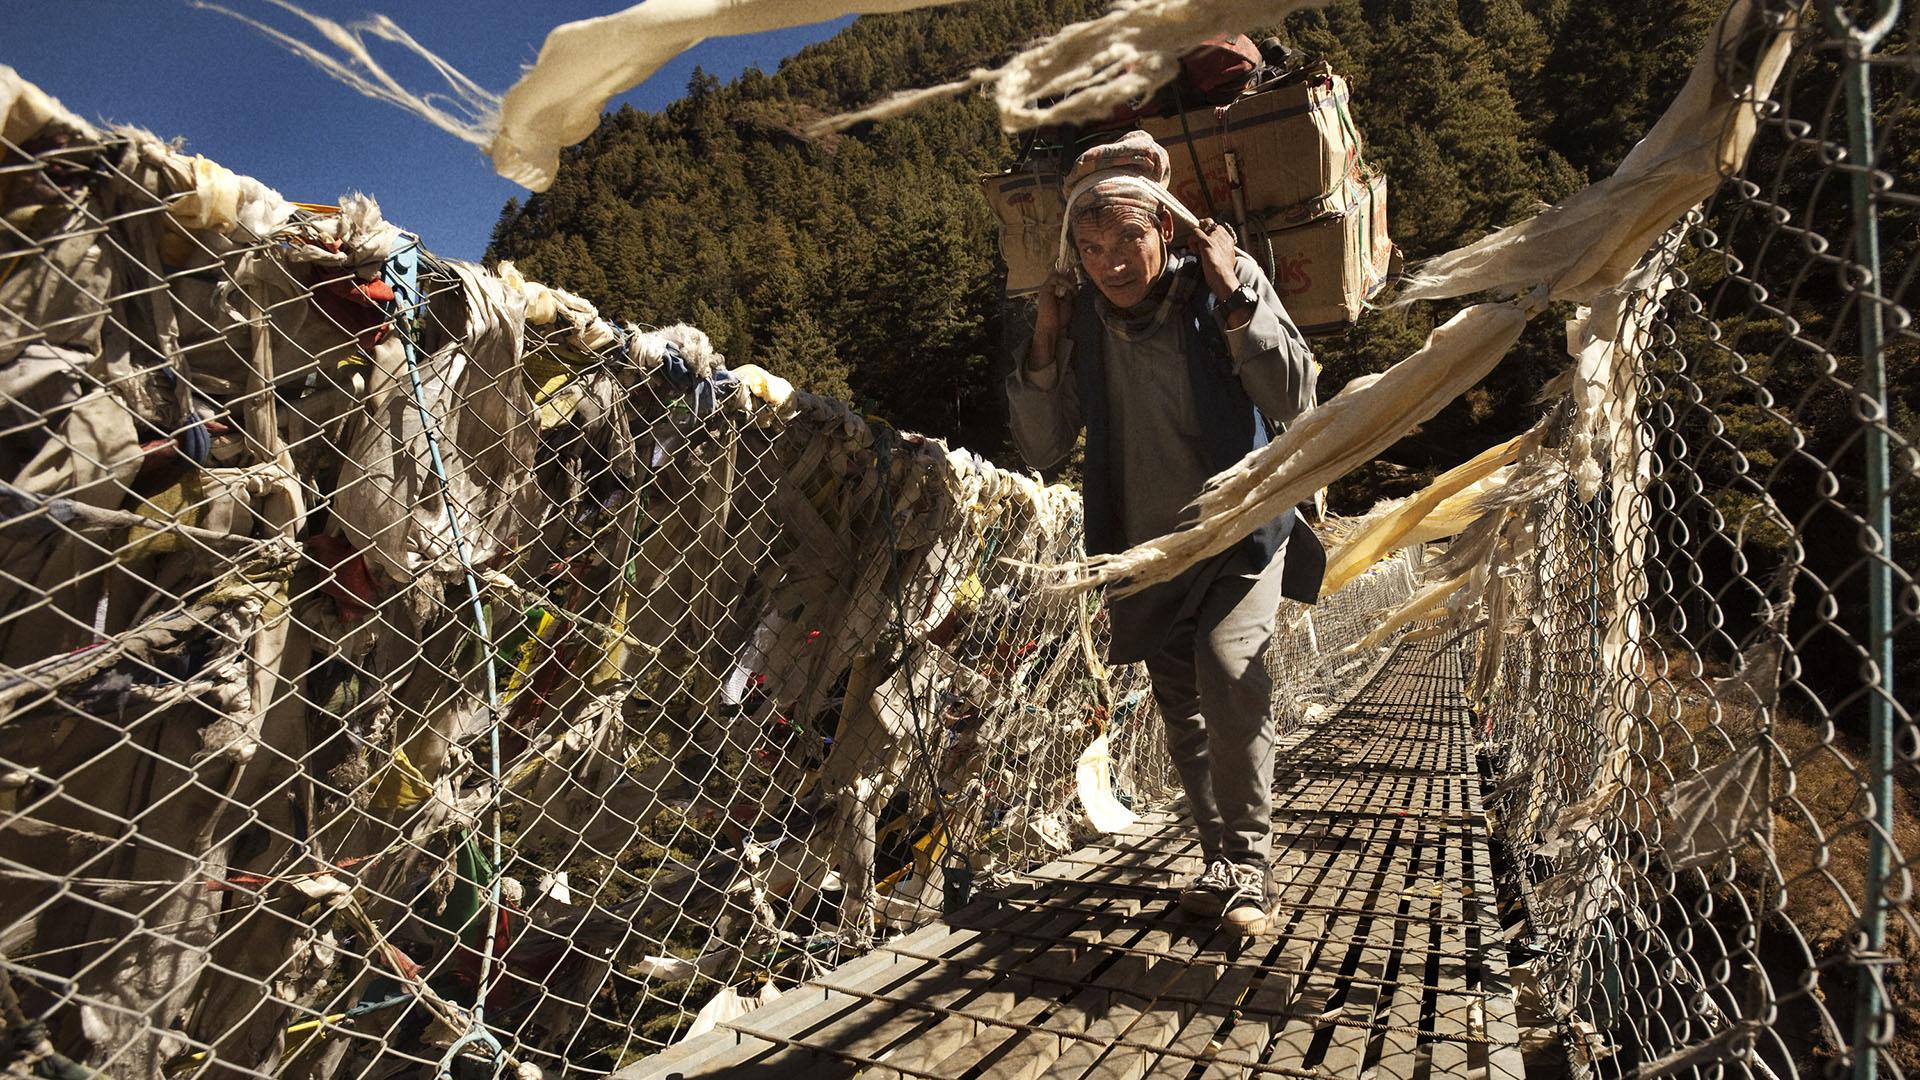 Reportage | Losan Piatti - Fotografo Toscana_Everest_Caravan Yak feature